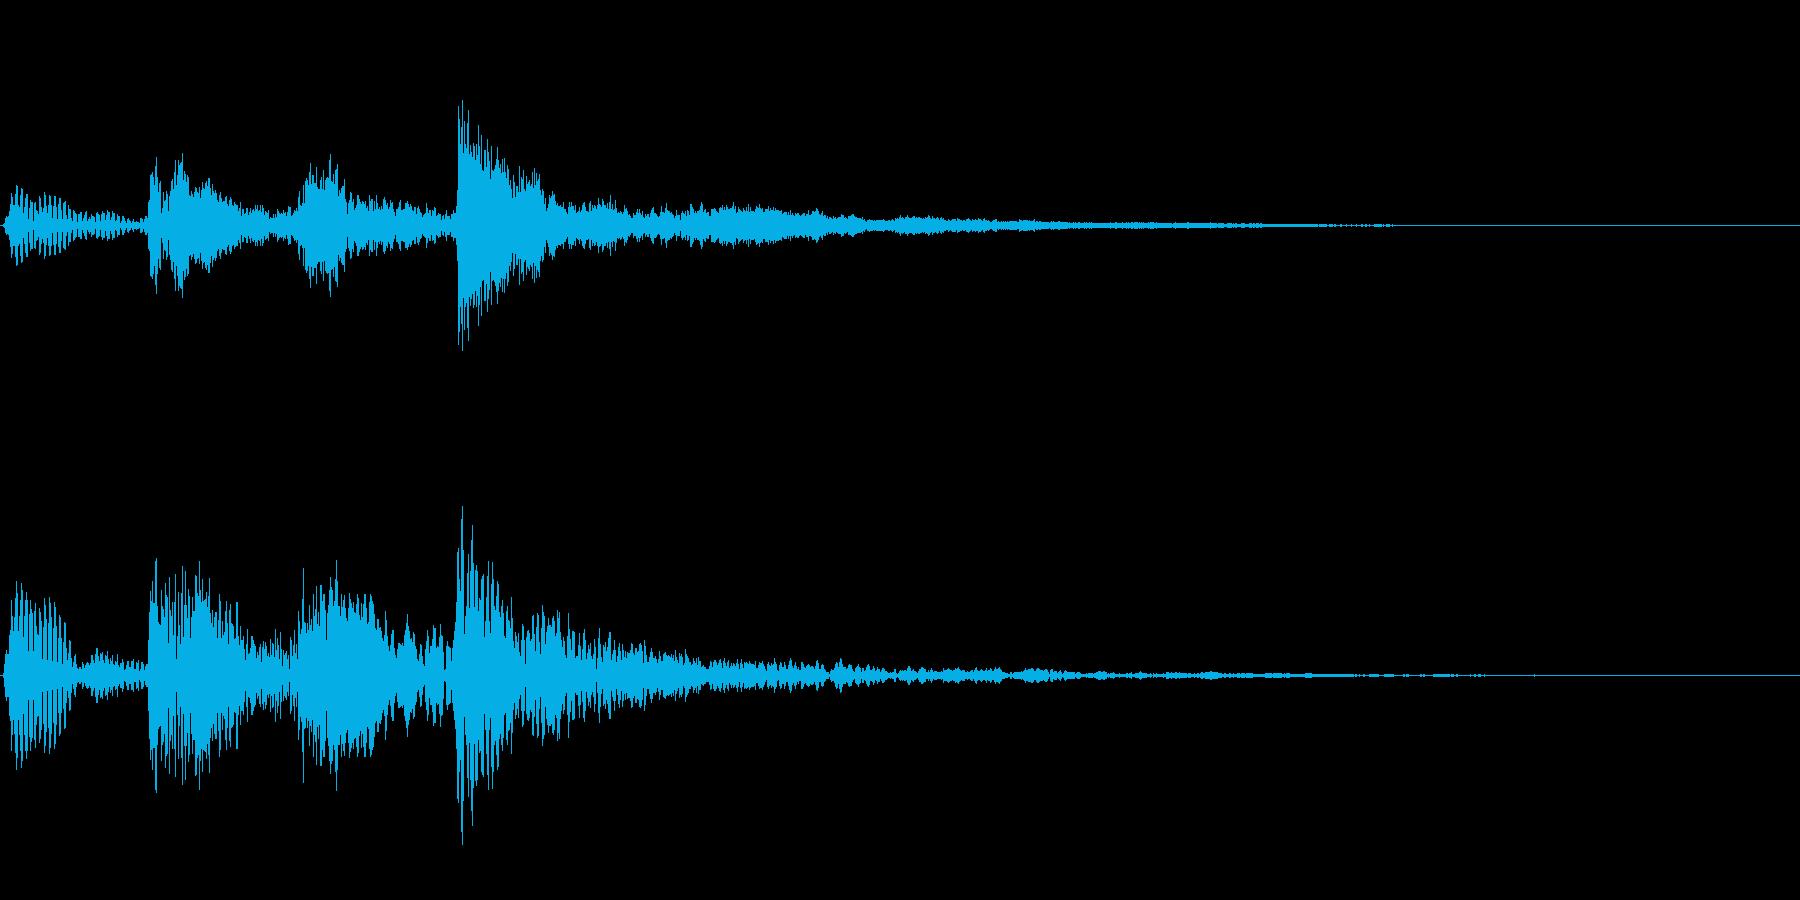 弦楽 お知らせ音 場面転回 ジングルの再生済みの波形